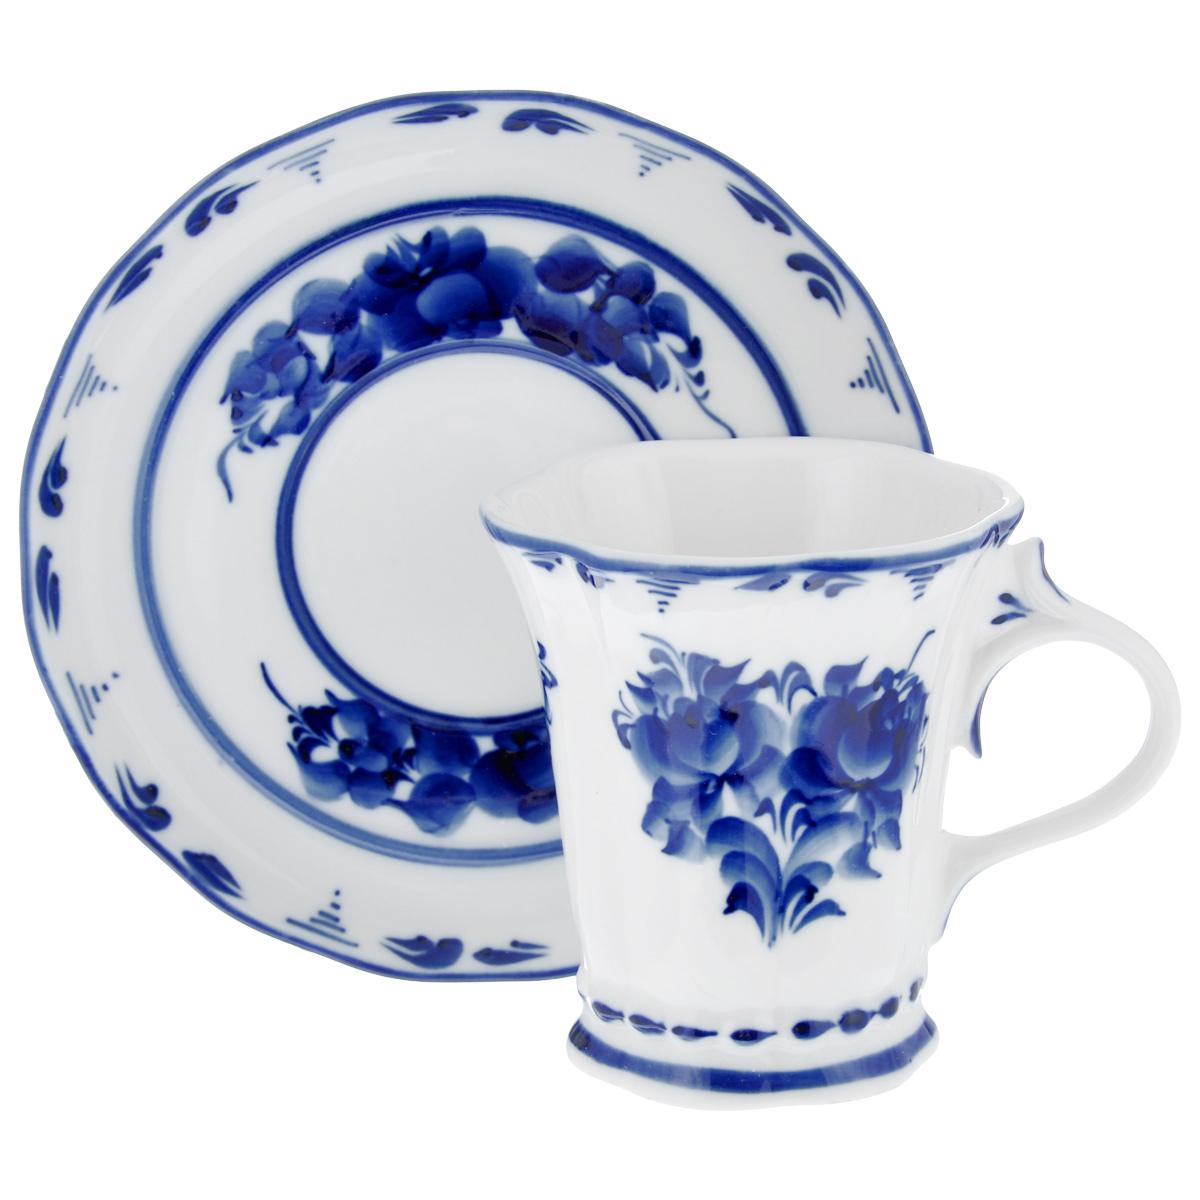 Чайная пара Катерина, цвет: белый, синий, 2 предмета. 99301011154 009312Чайная пара Катерина состоит из чашки и блюдца, изготовленных из фарфора белого цвета, и расписаны вручную. Яркий дизайн, несомненно, придется вам по вкусу.Чайная пара Катерина украсит ваш кухонный стол, а также станет замечательным подарком к любому празднику.Не применять абразивные чистящие средства. Не использовать в микроволновой печи. Мыть с применением нейтральных моющих средств. Не рекомендуется использовать в посудомоечных машинах.Объем чашки: 250 мл.Диаметр чашки по верхнему краю: 8,5 см.Диаметр основания: 6 см.Высота чашки: 9,5 см.Диаметр блюдца: 15,5 см.